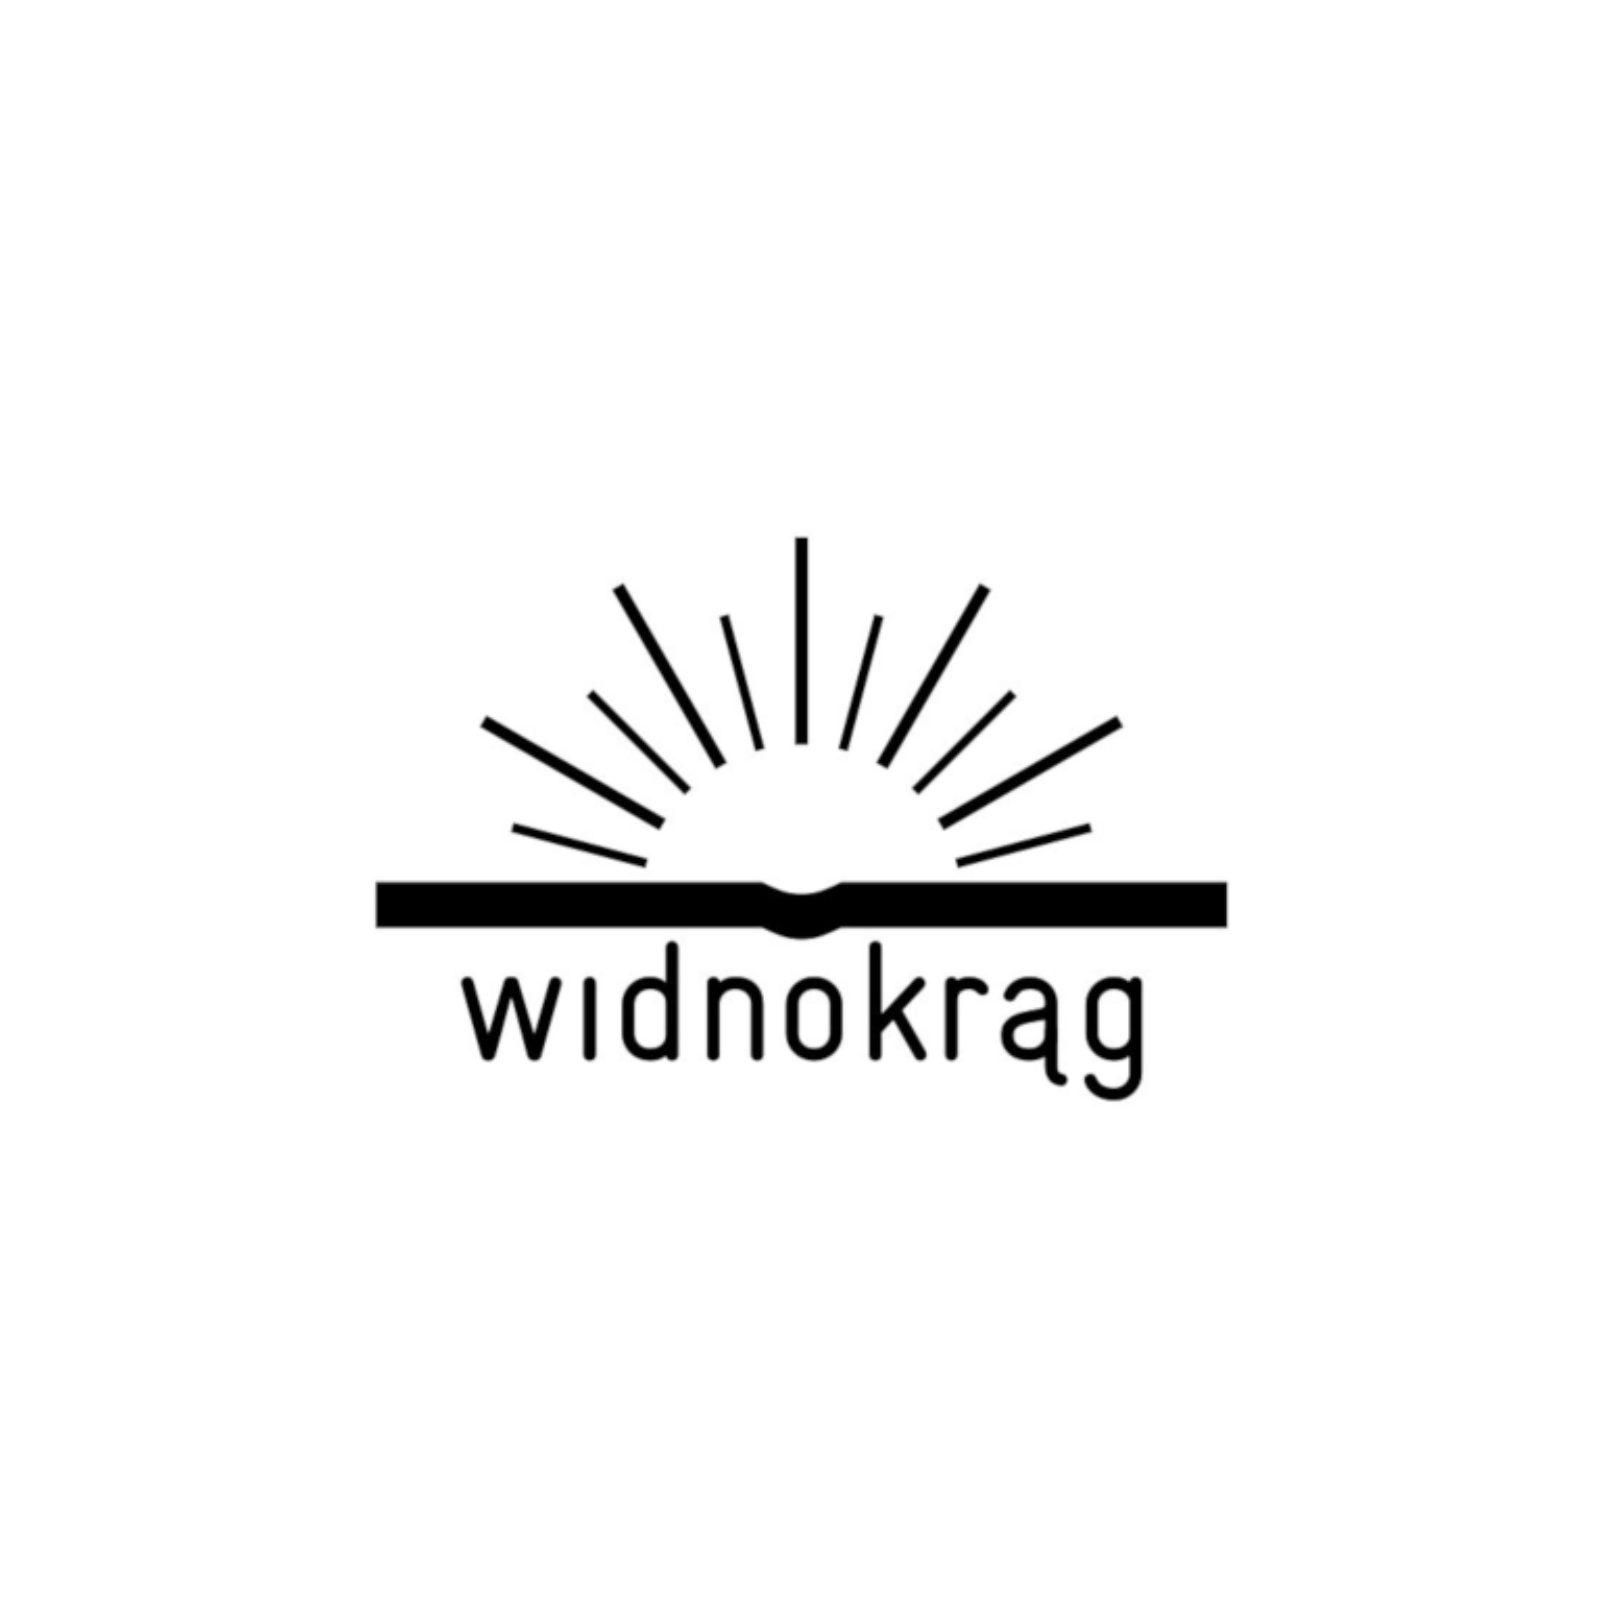 Wydawnictwo Widnokrąg